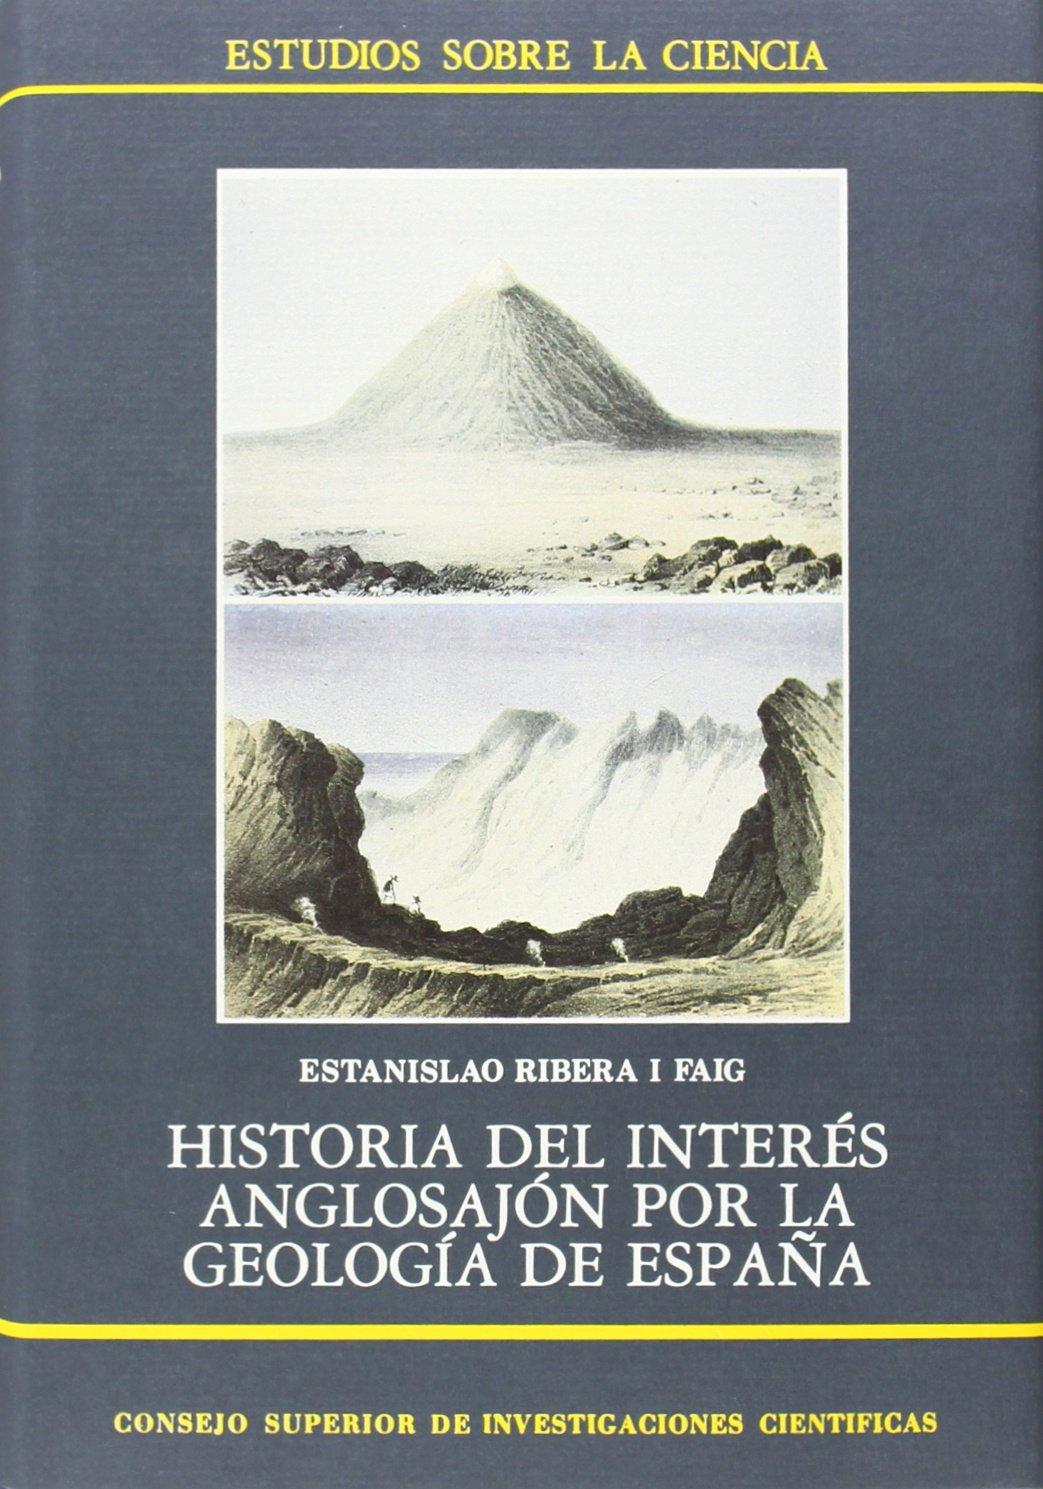 Historia del interés anglosajón por la geología en España Estudios ...